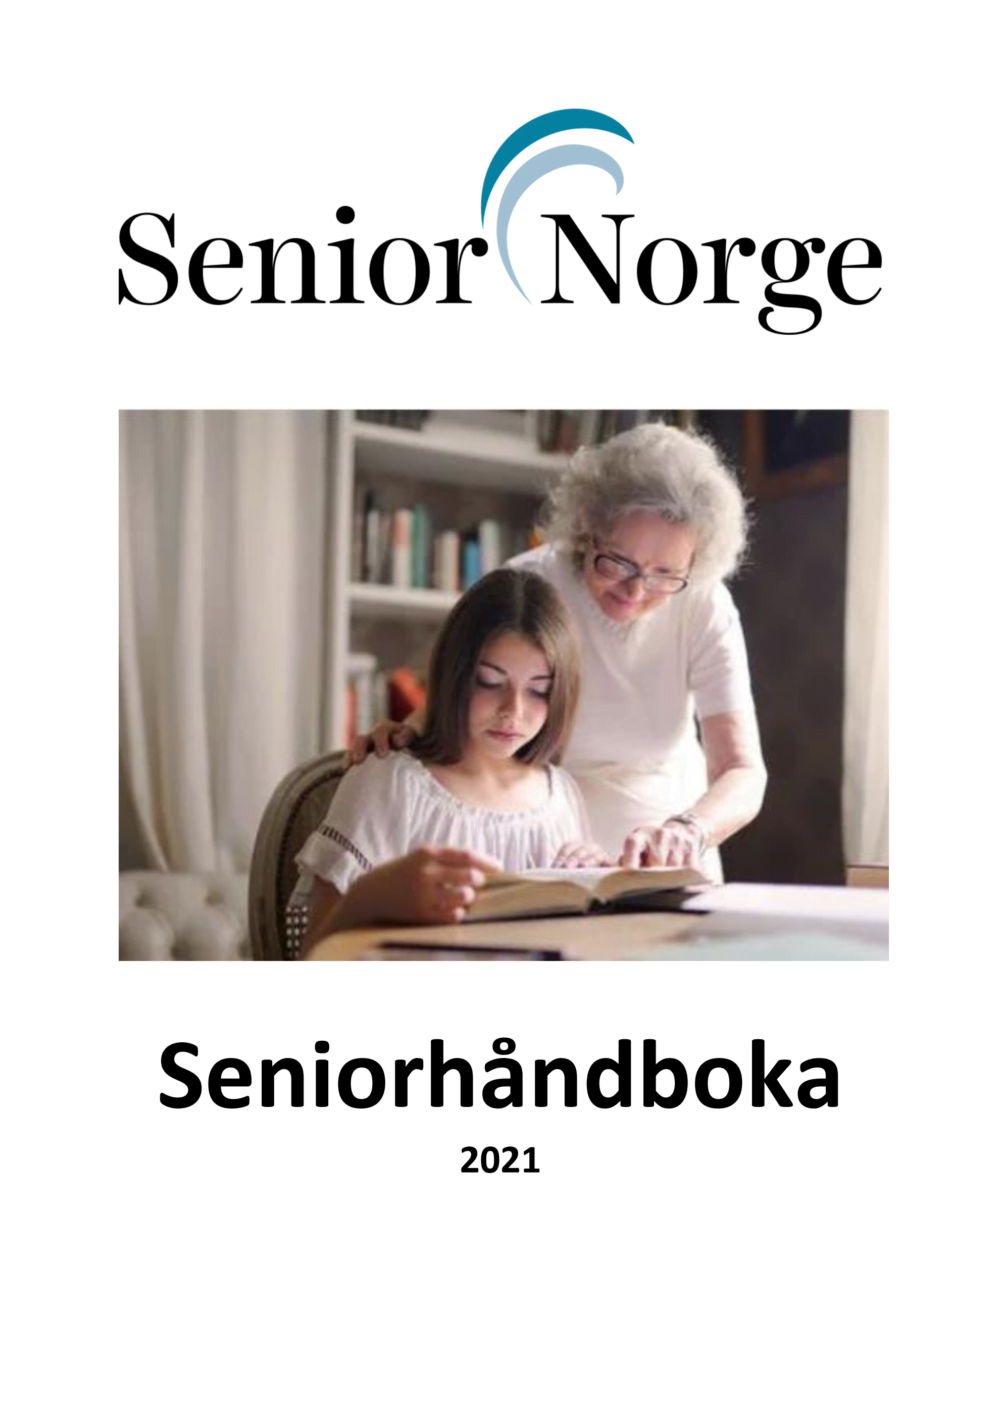 Seniorhåndboka